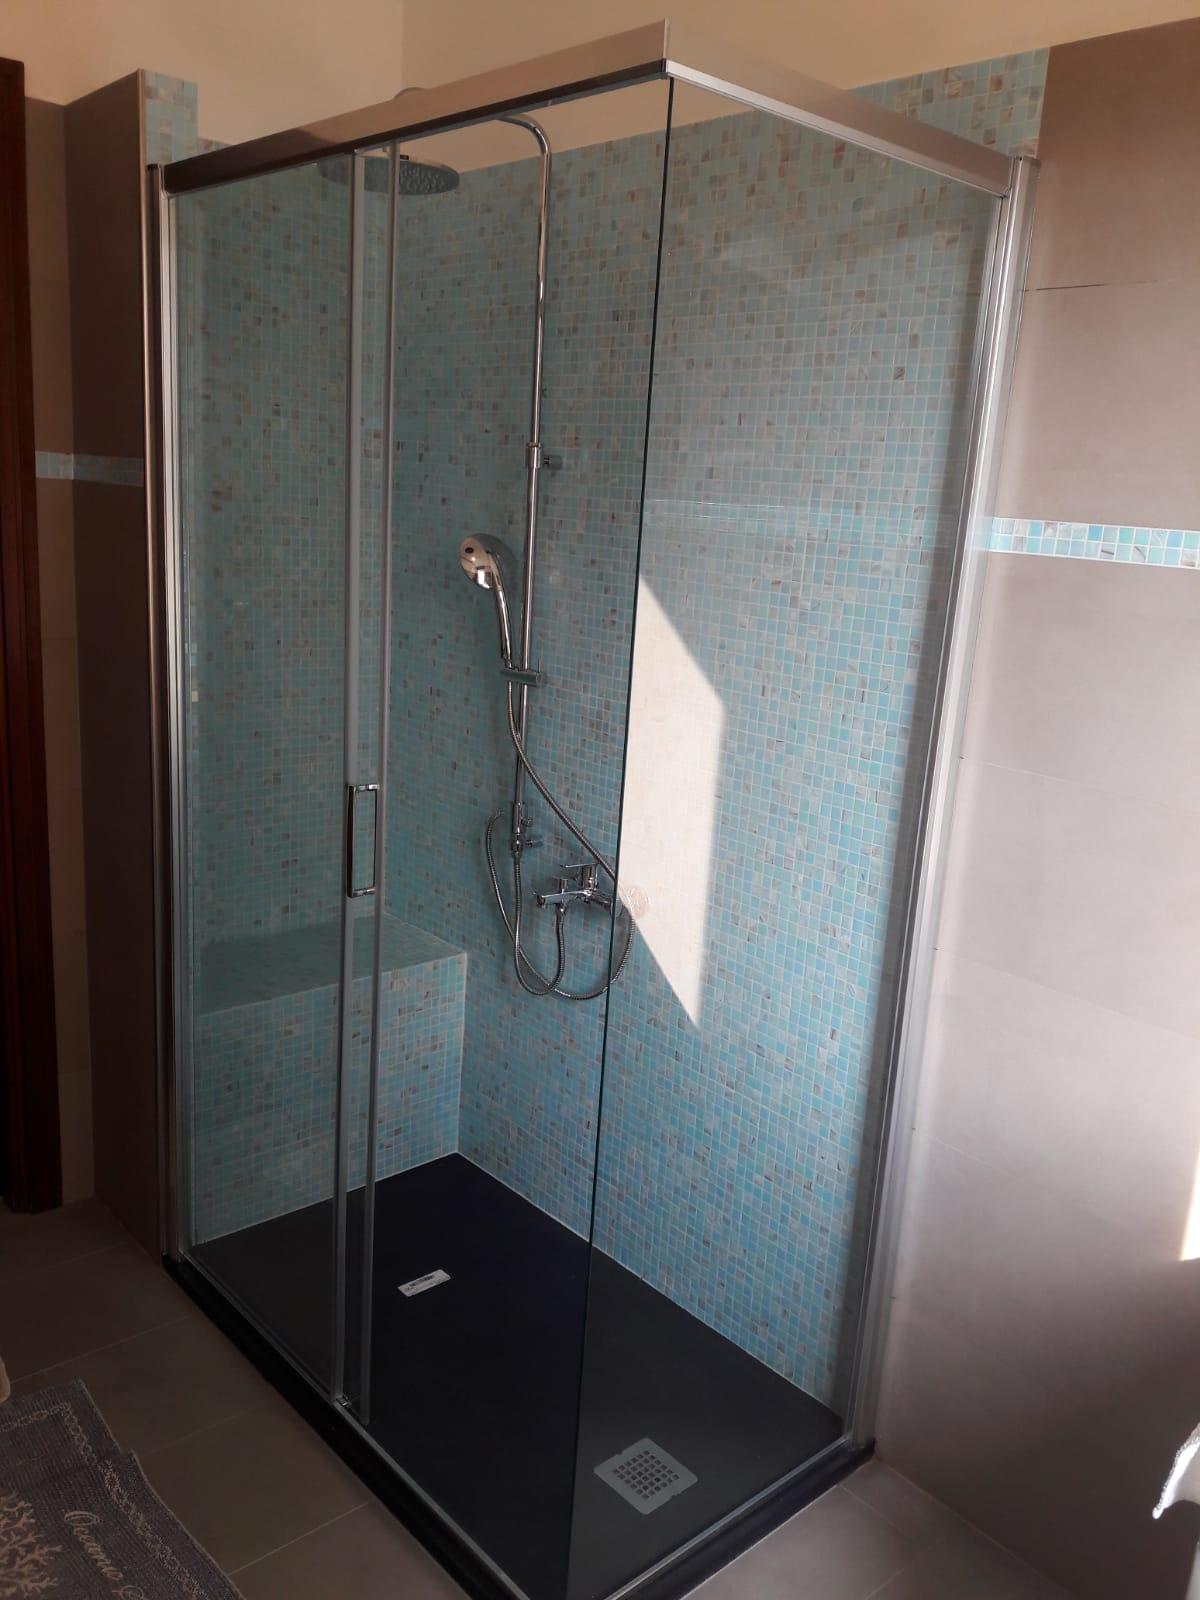 Doccia Con Sedile In Muratura.Rifacimento Bagno Con Eliminazione Vasca E Posa Di Doccia Con Sedile